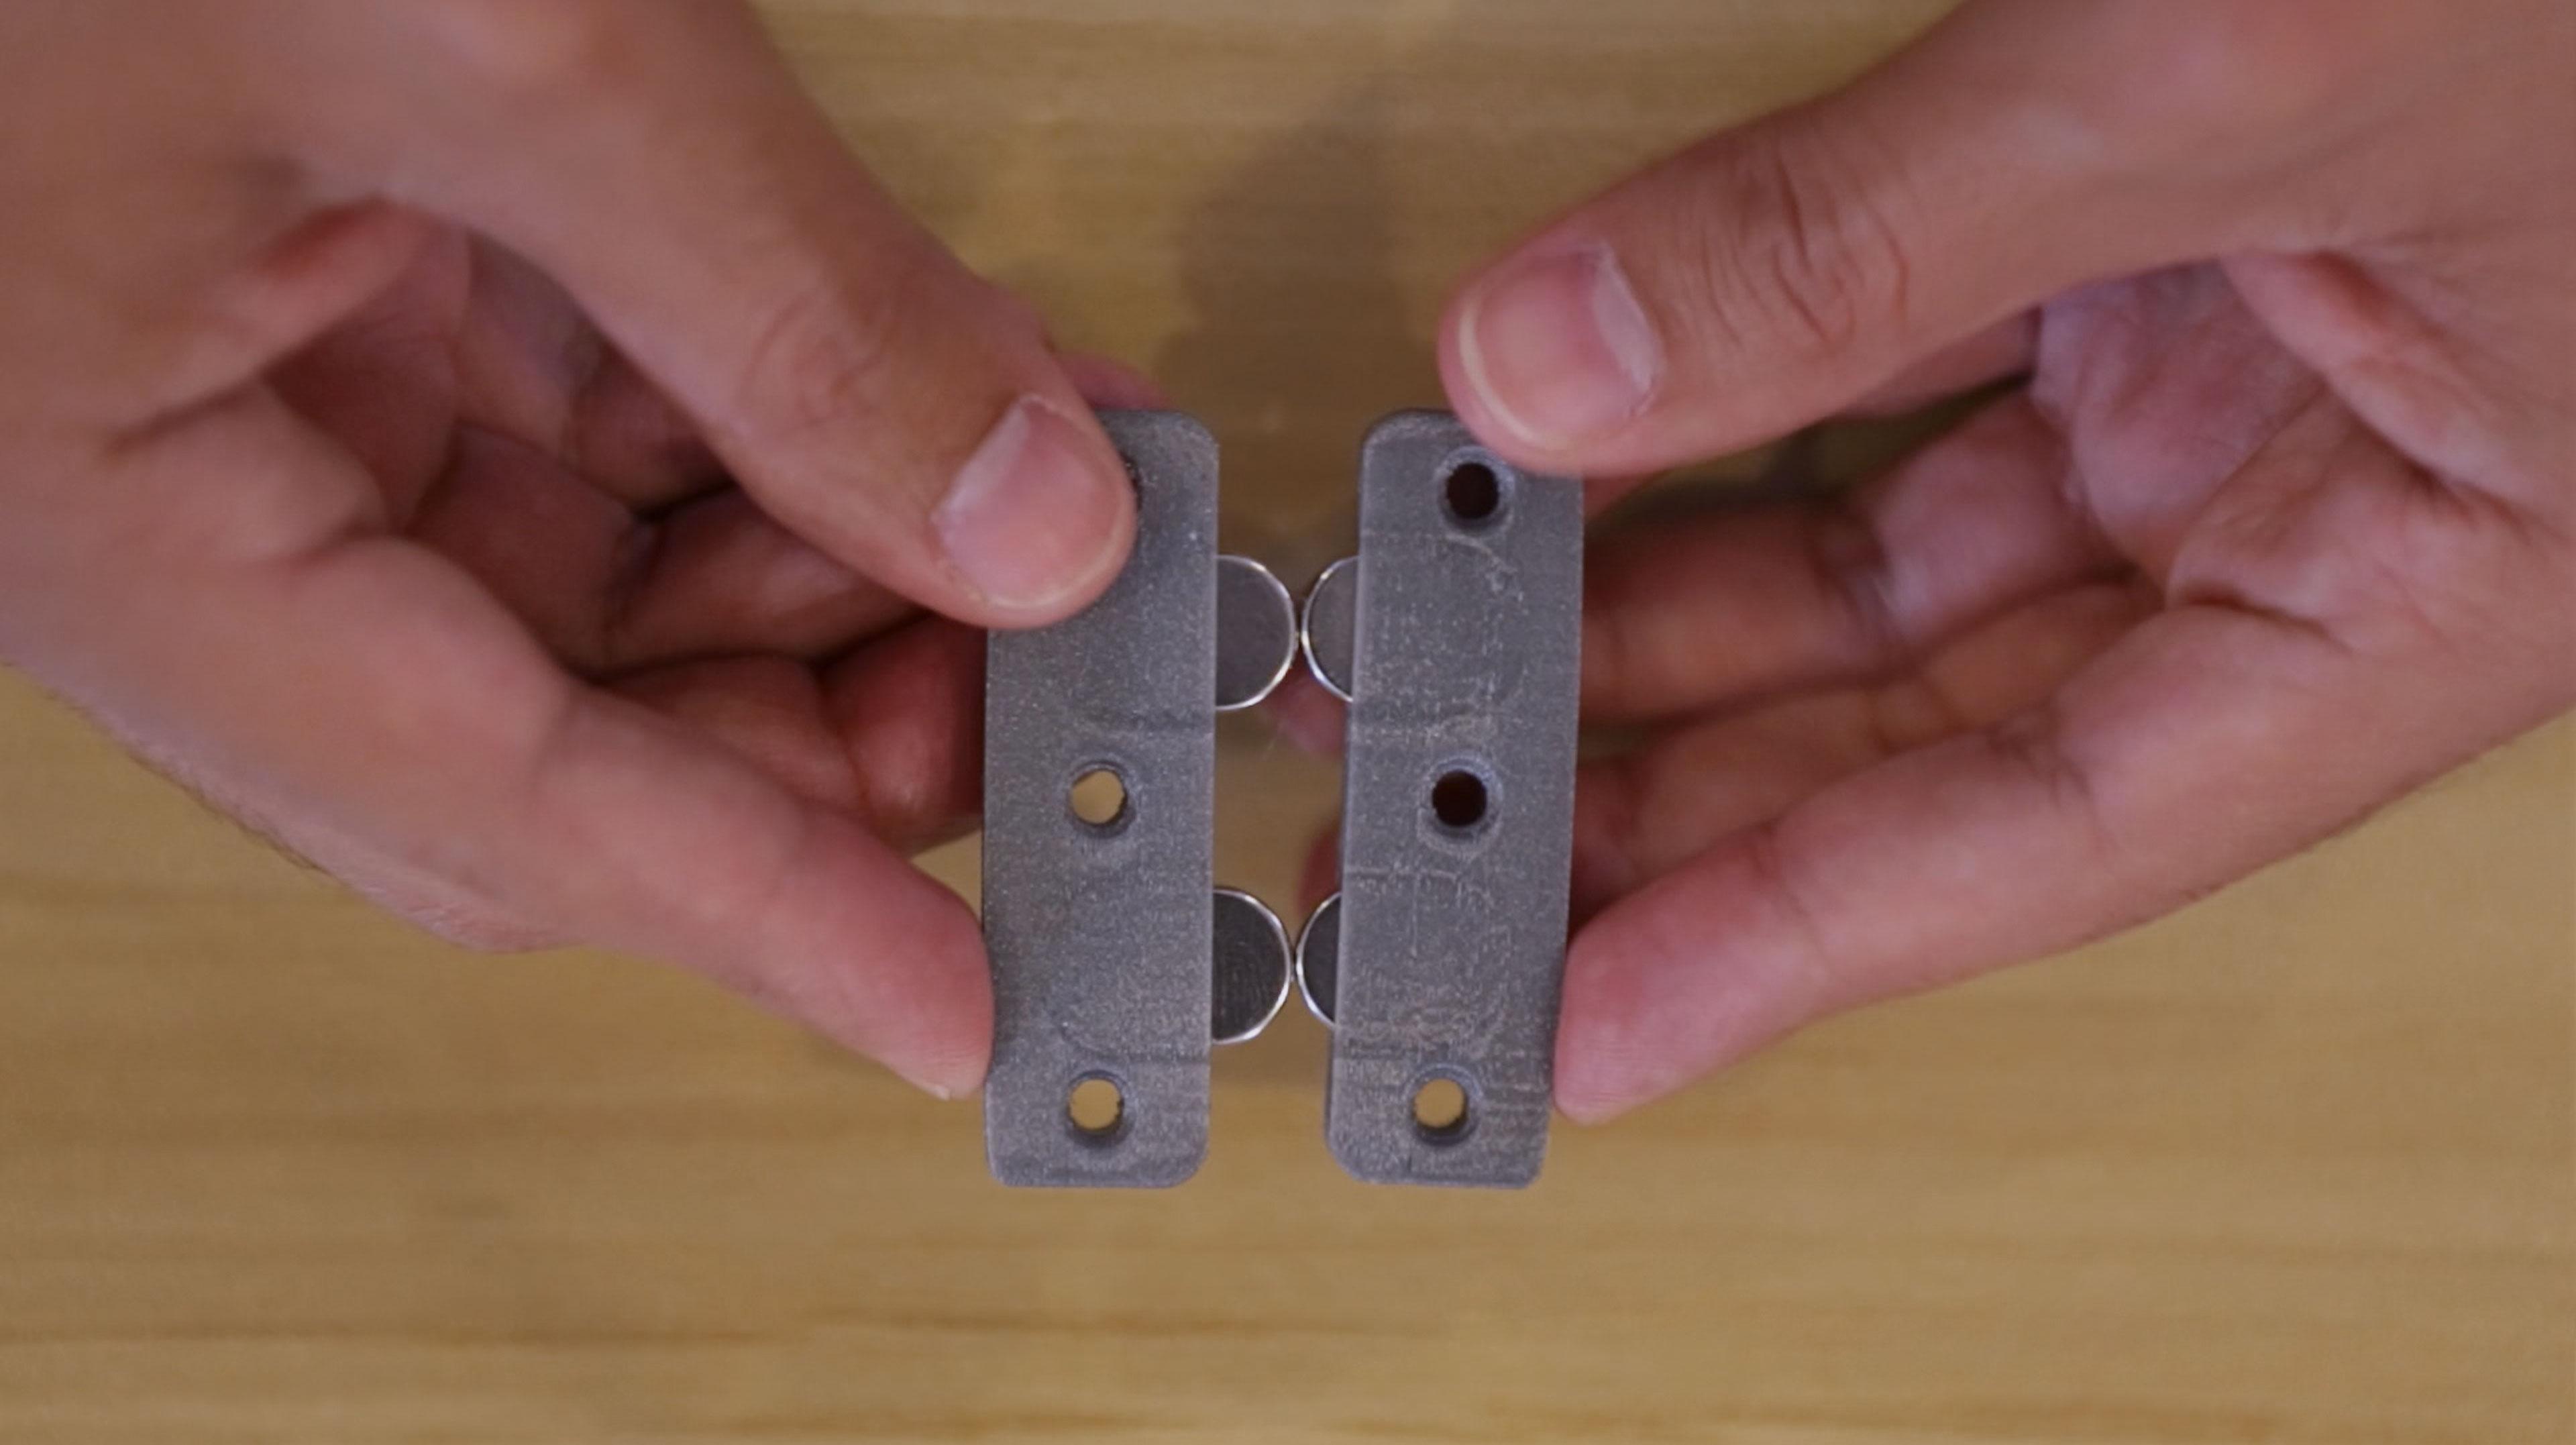 3d_printing_03-align-opposite-magnetsB.jpg